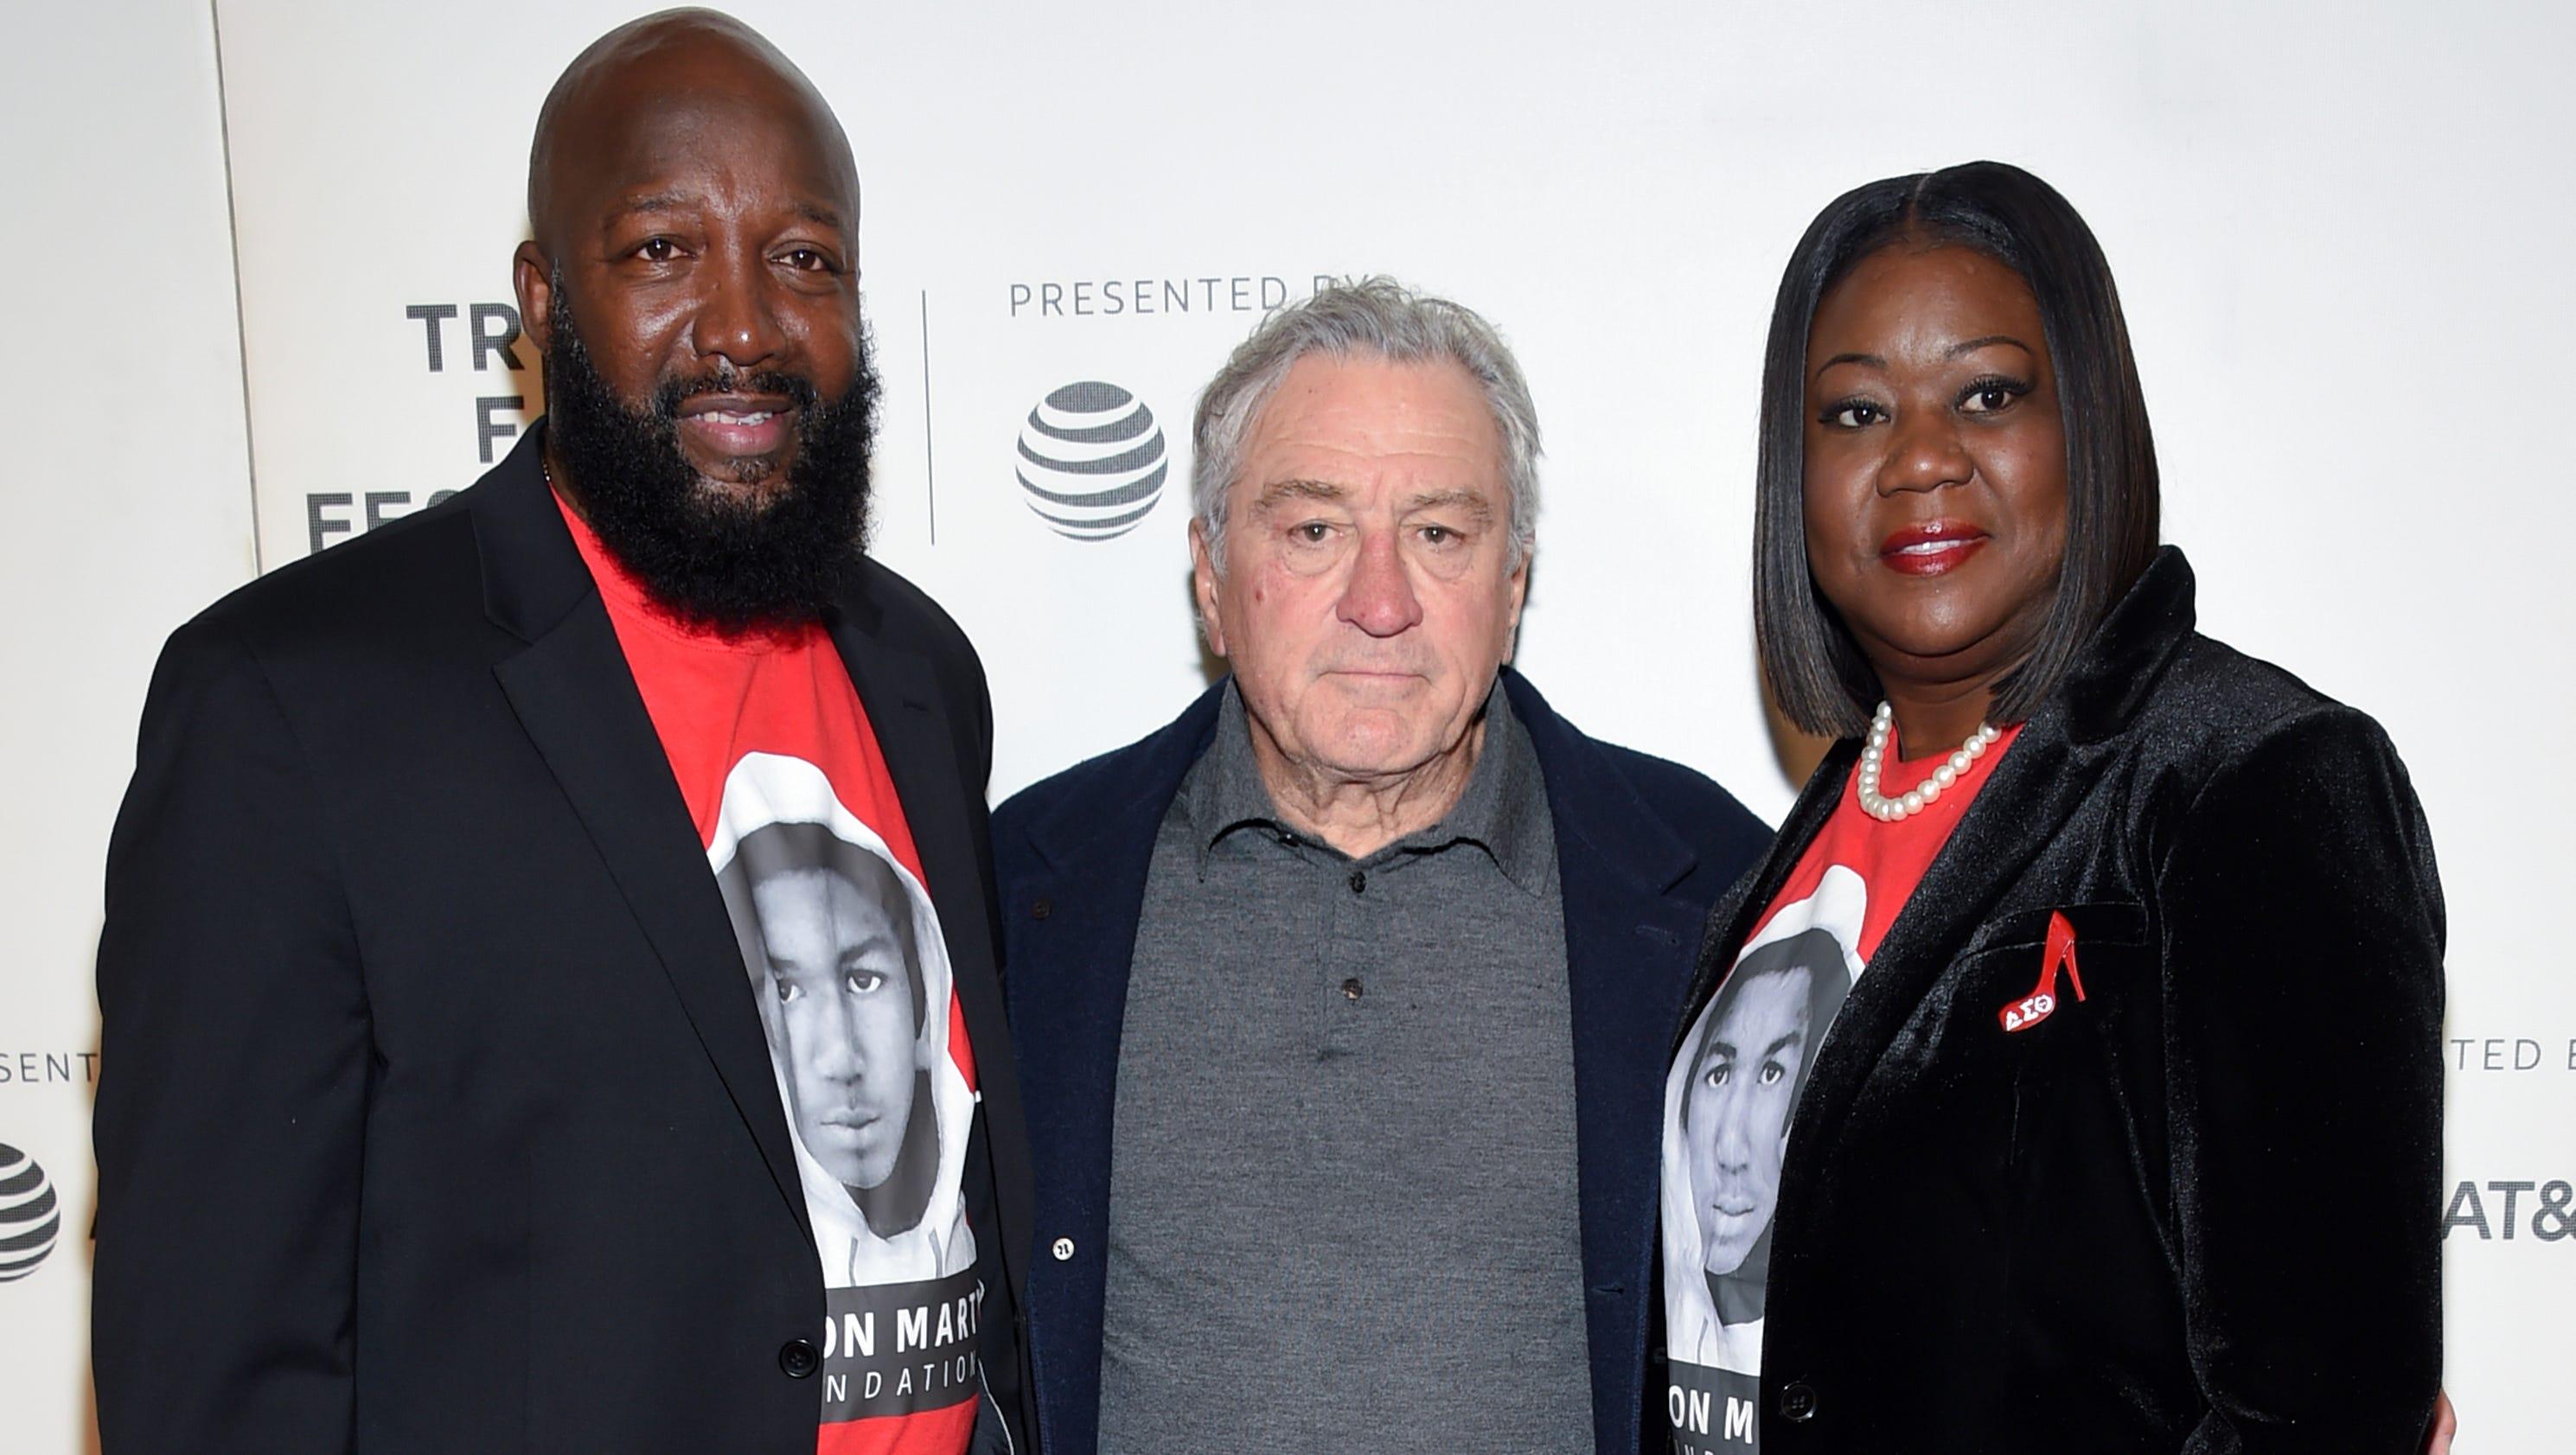 Trayvon Martins parents bring...